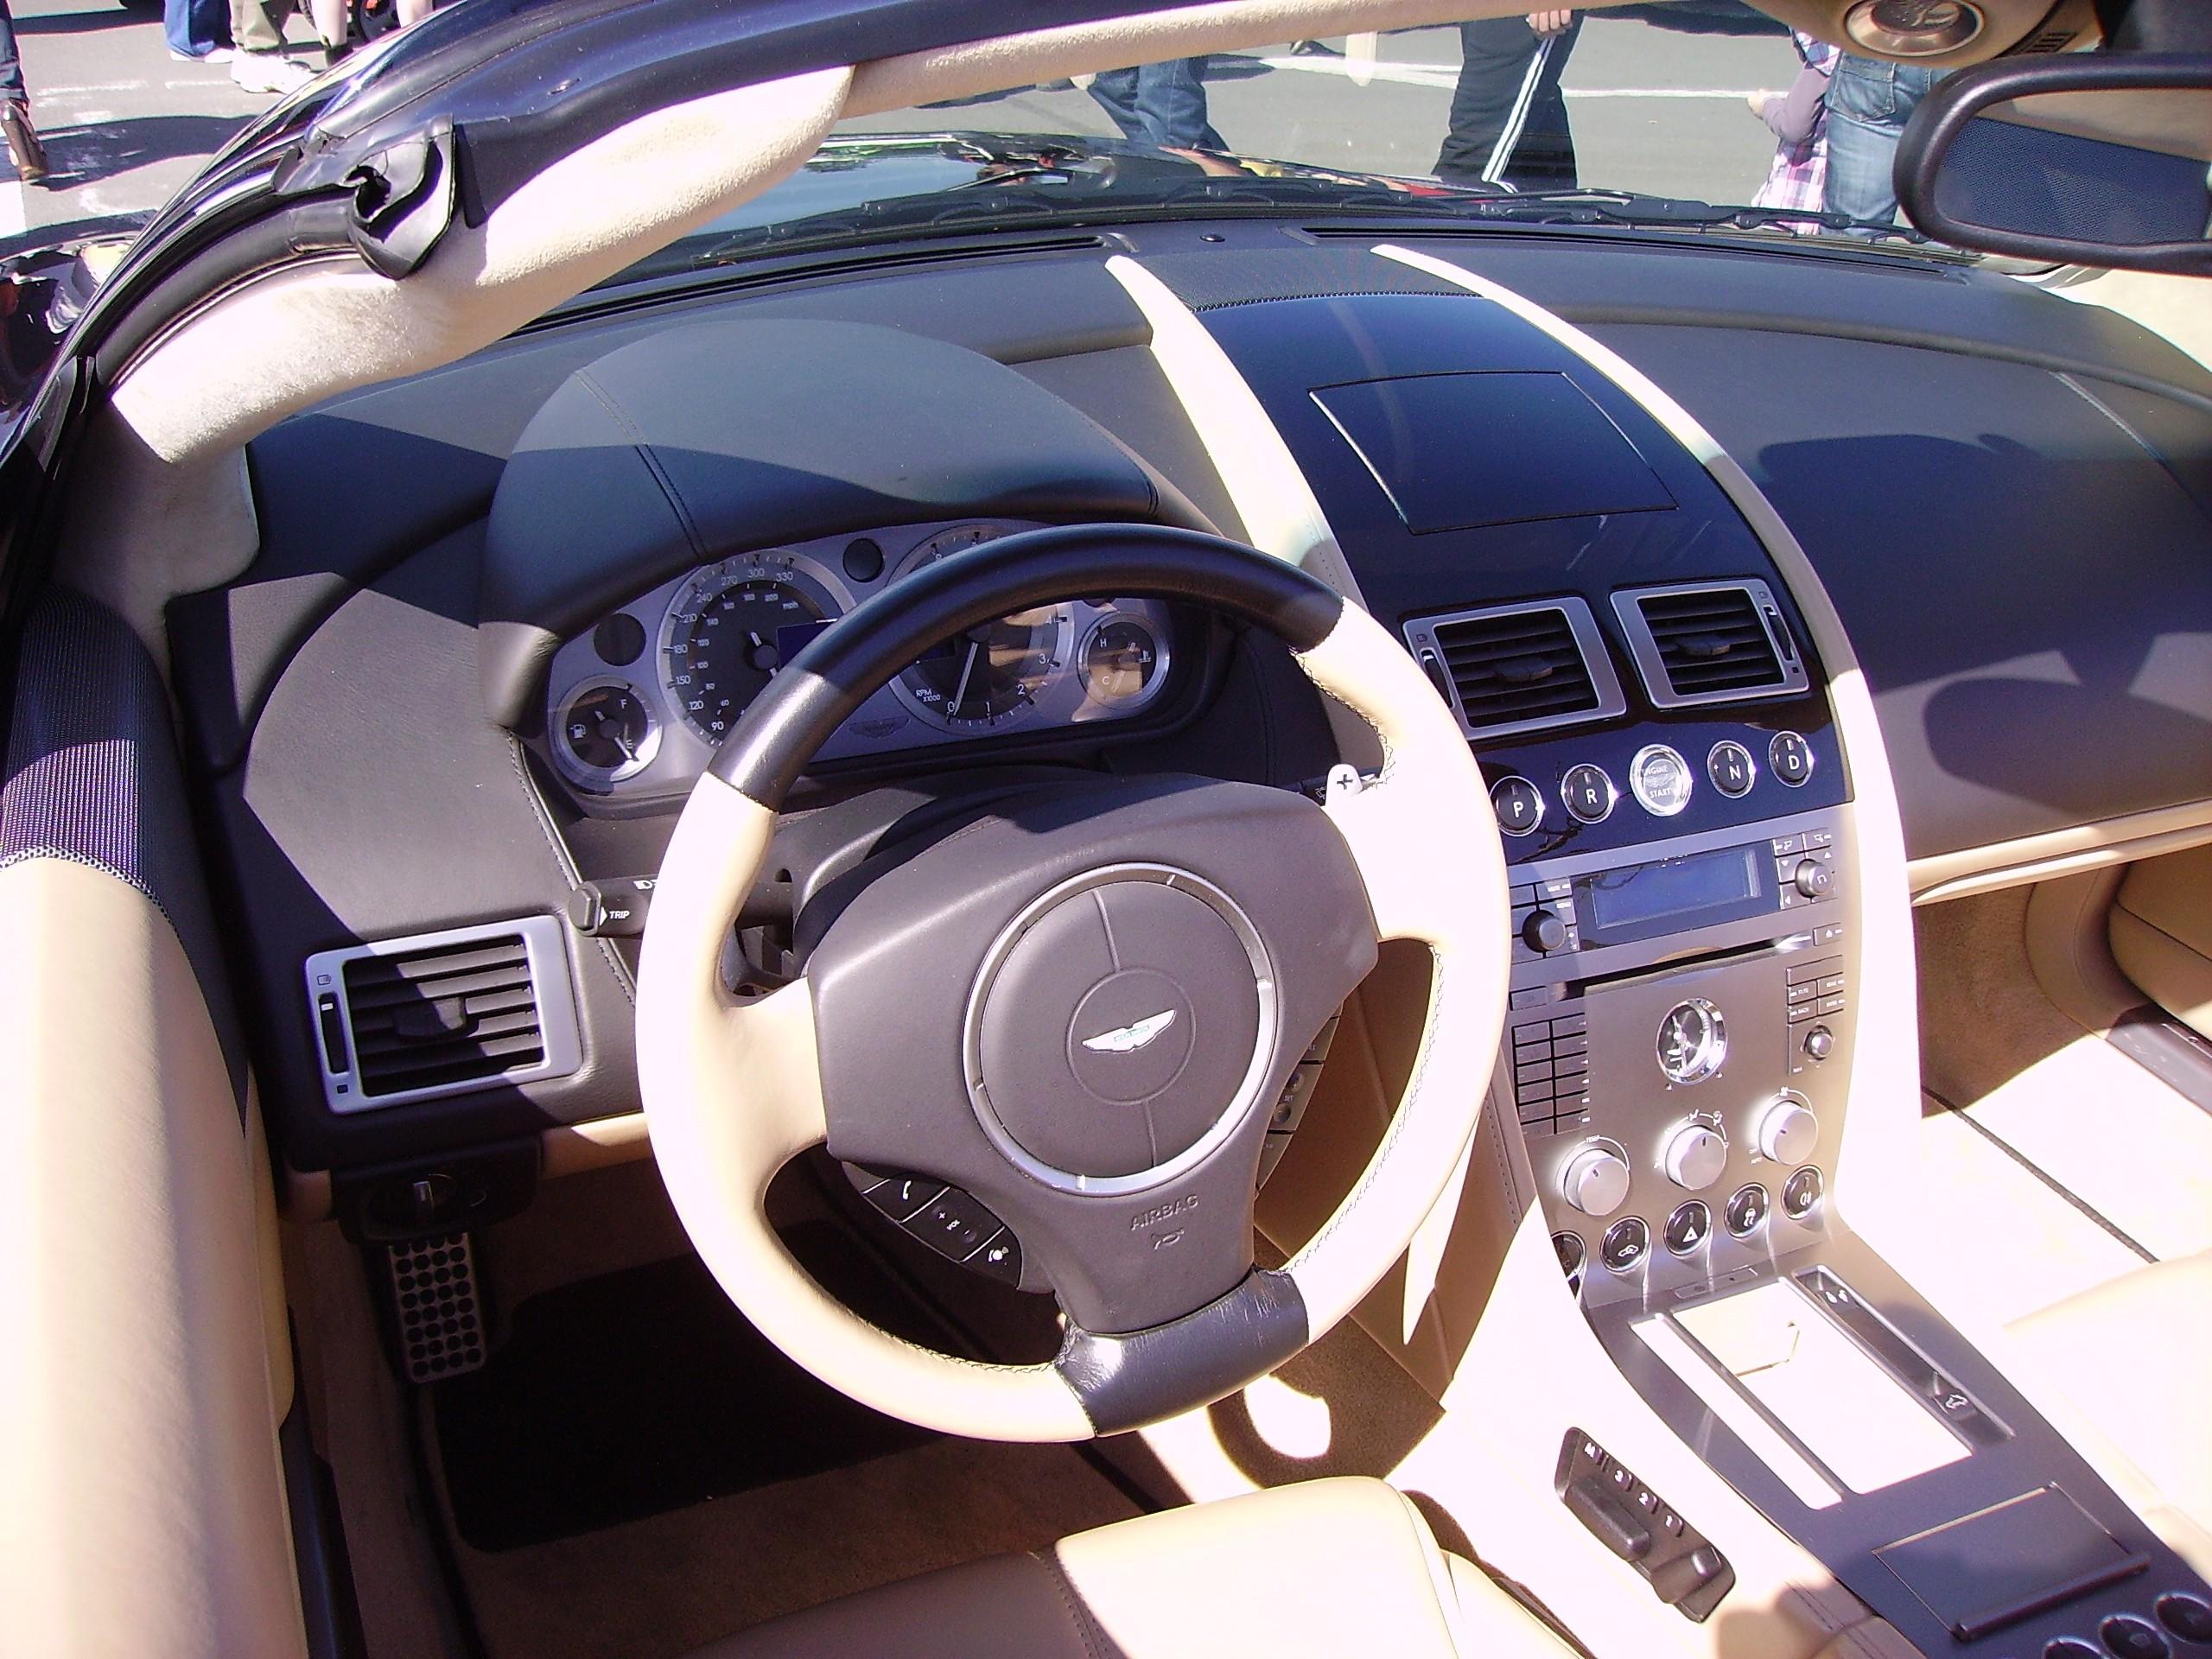 file:aston martin db9 volante-dashboard - wikimedia commons